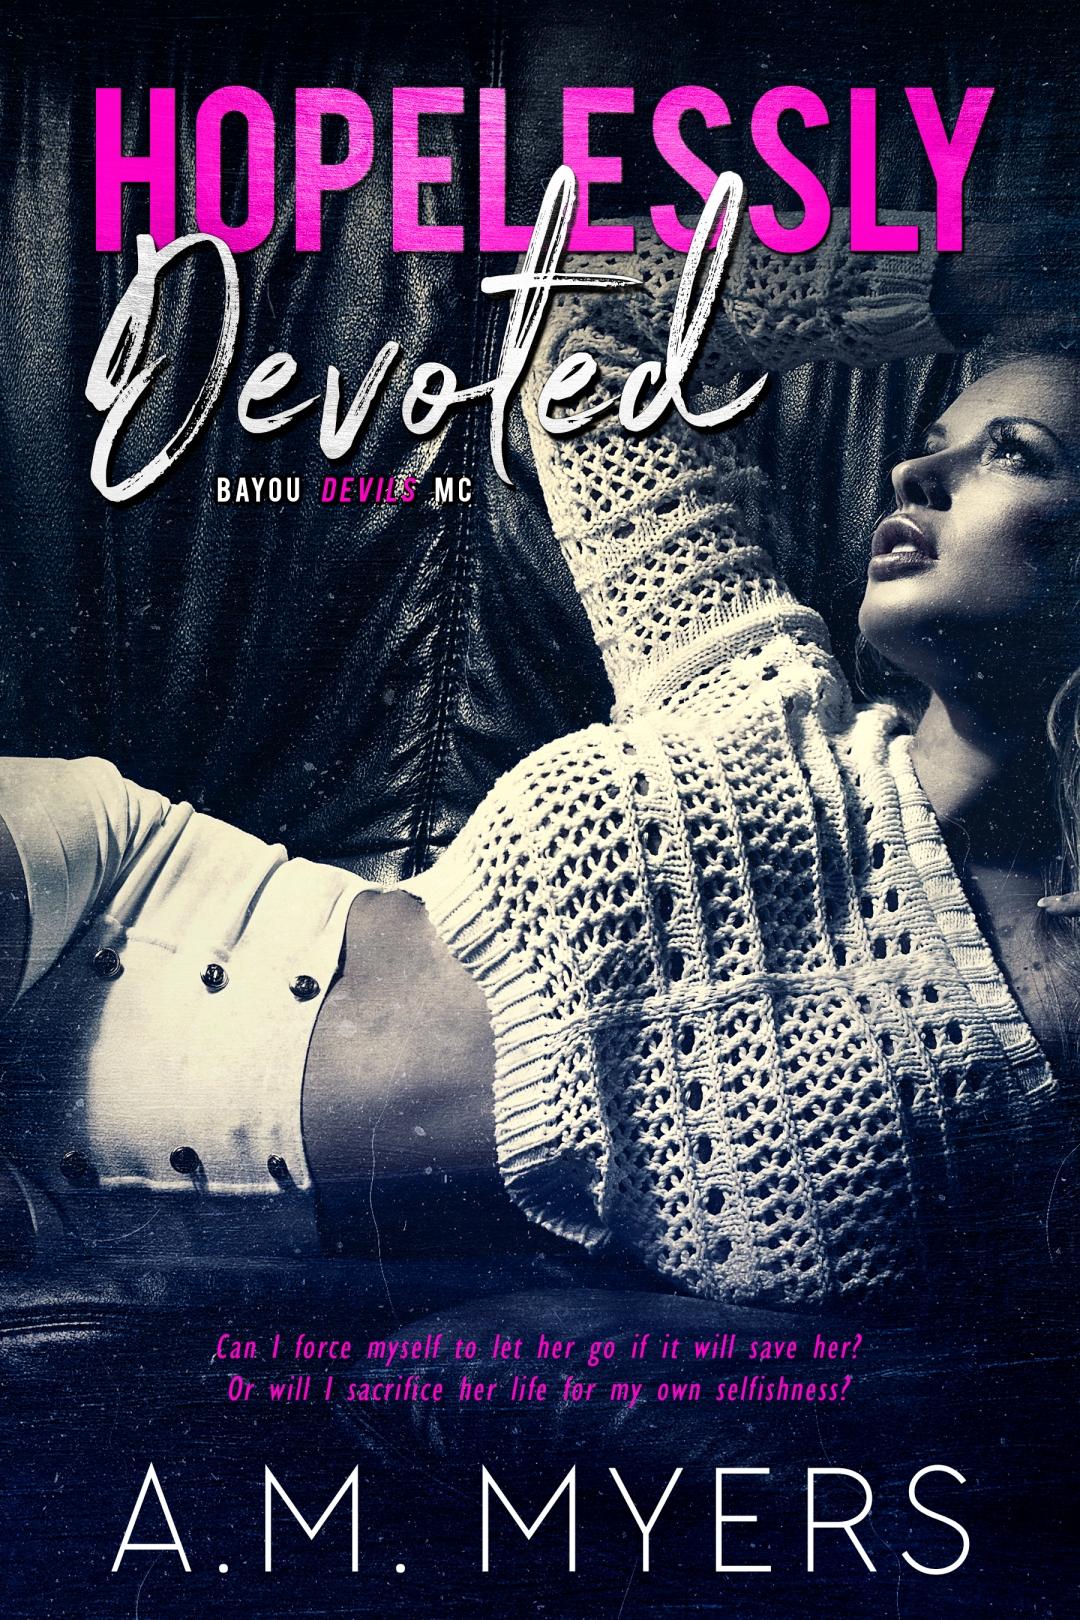 Hopelessly-Devoted-eBook-Cover.jpg